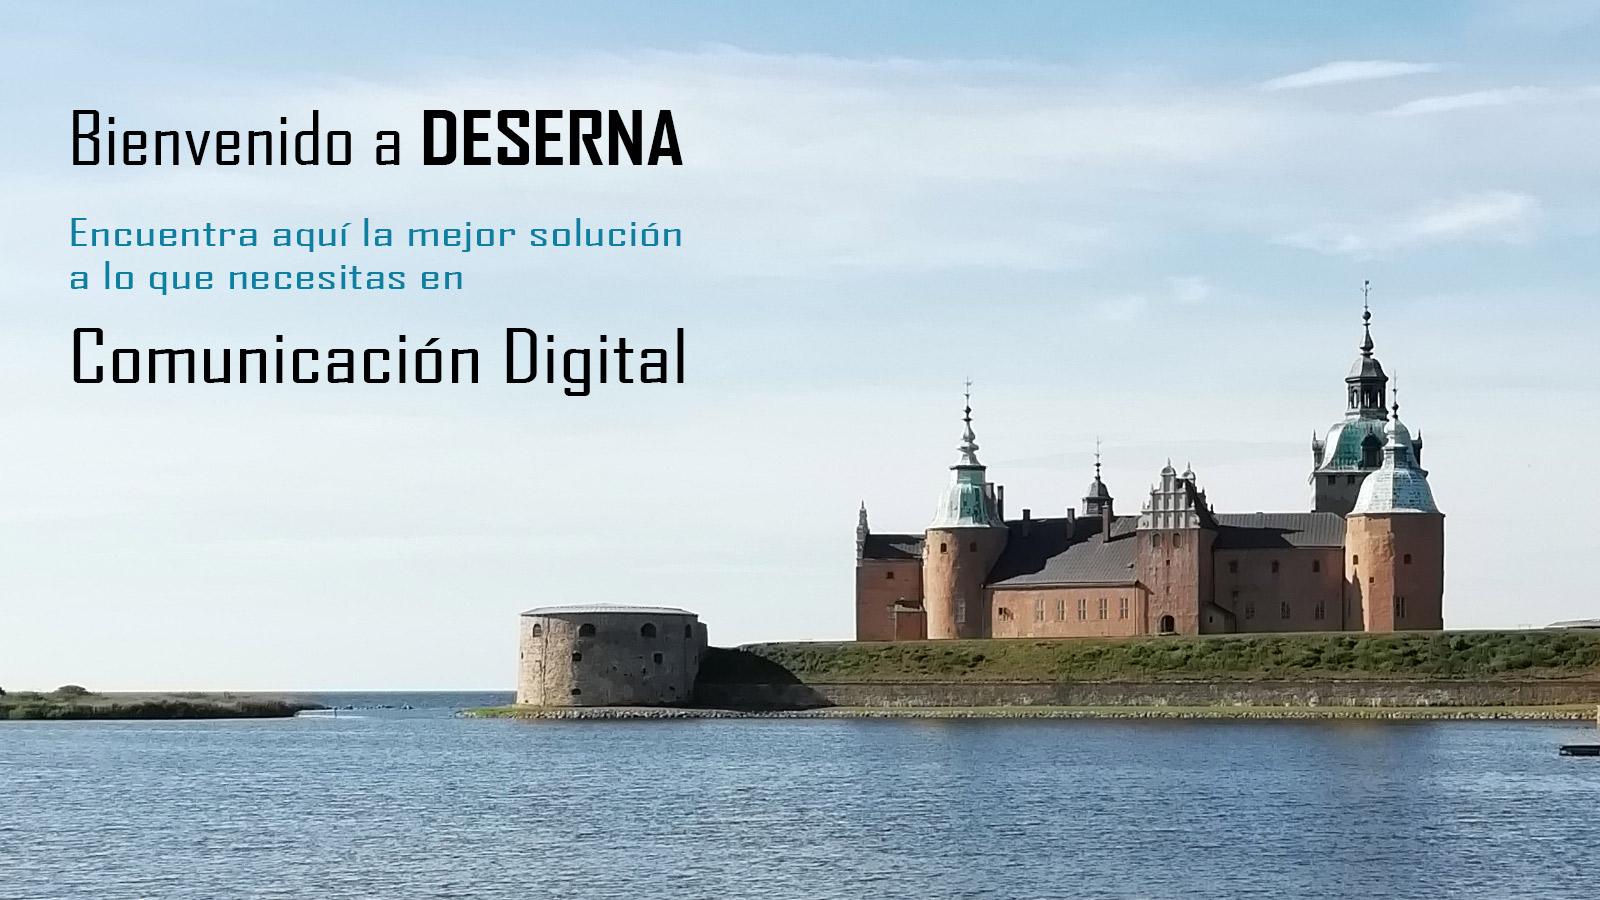 Bienvenido a DESERNA. Encuentra aquí la mejor solución a lo que necesitas en  Comunicación Digital